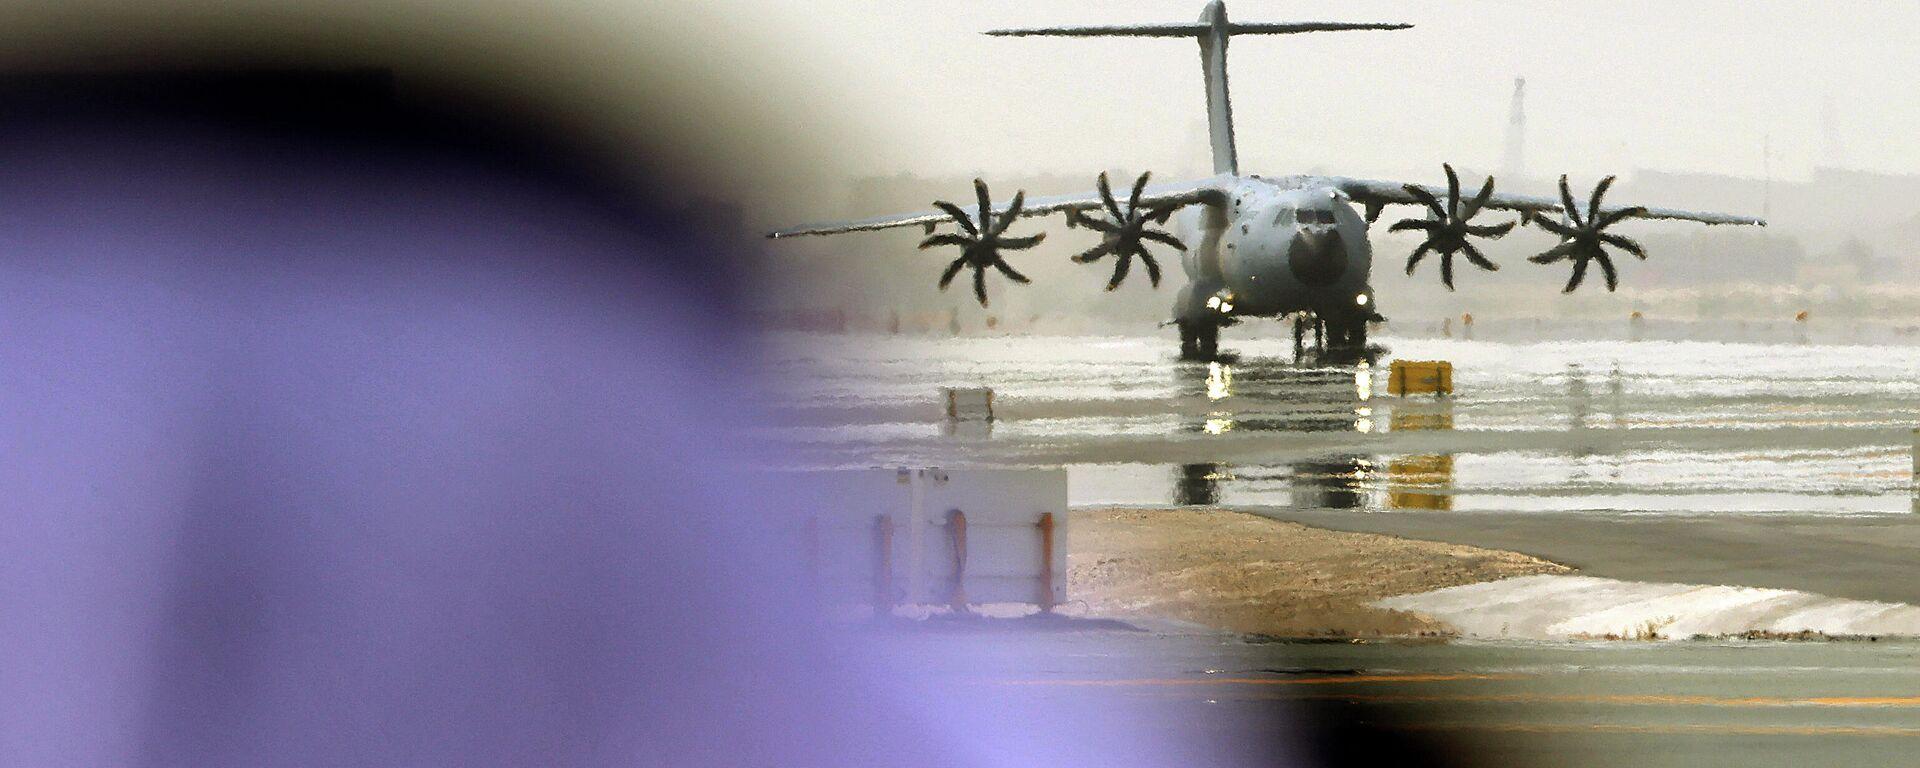 Военно-транспортный самолет Airbus A400M эвакуирует людей из Афганистана - Sputnik Узбекистан, 1920, 24.08.2021